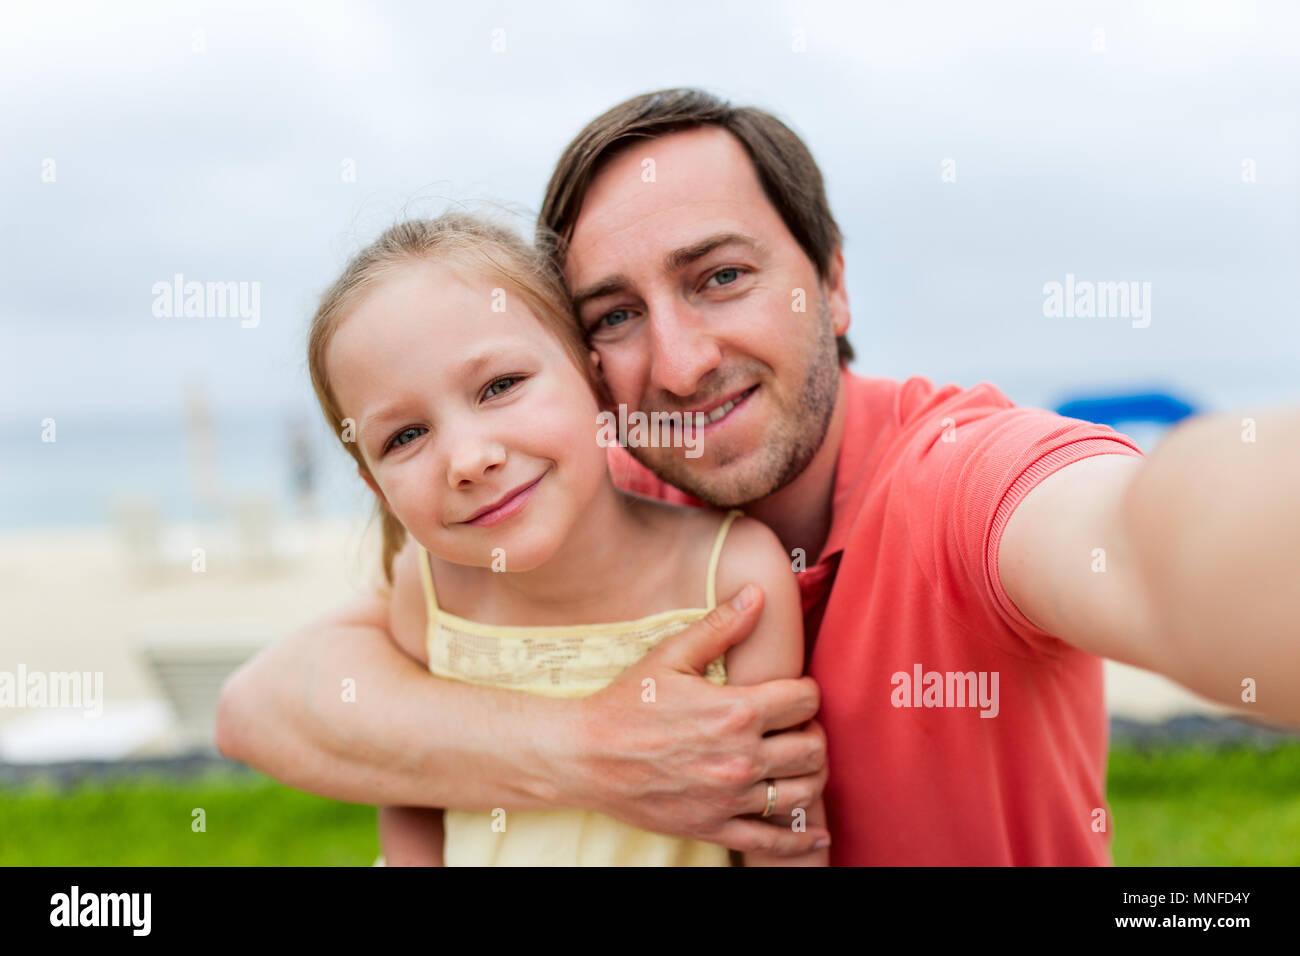 Padre de familia feliz y su adorable hija pequeña en la playa tomando selfie Imagen De Stock